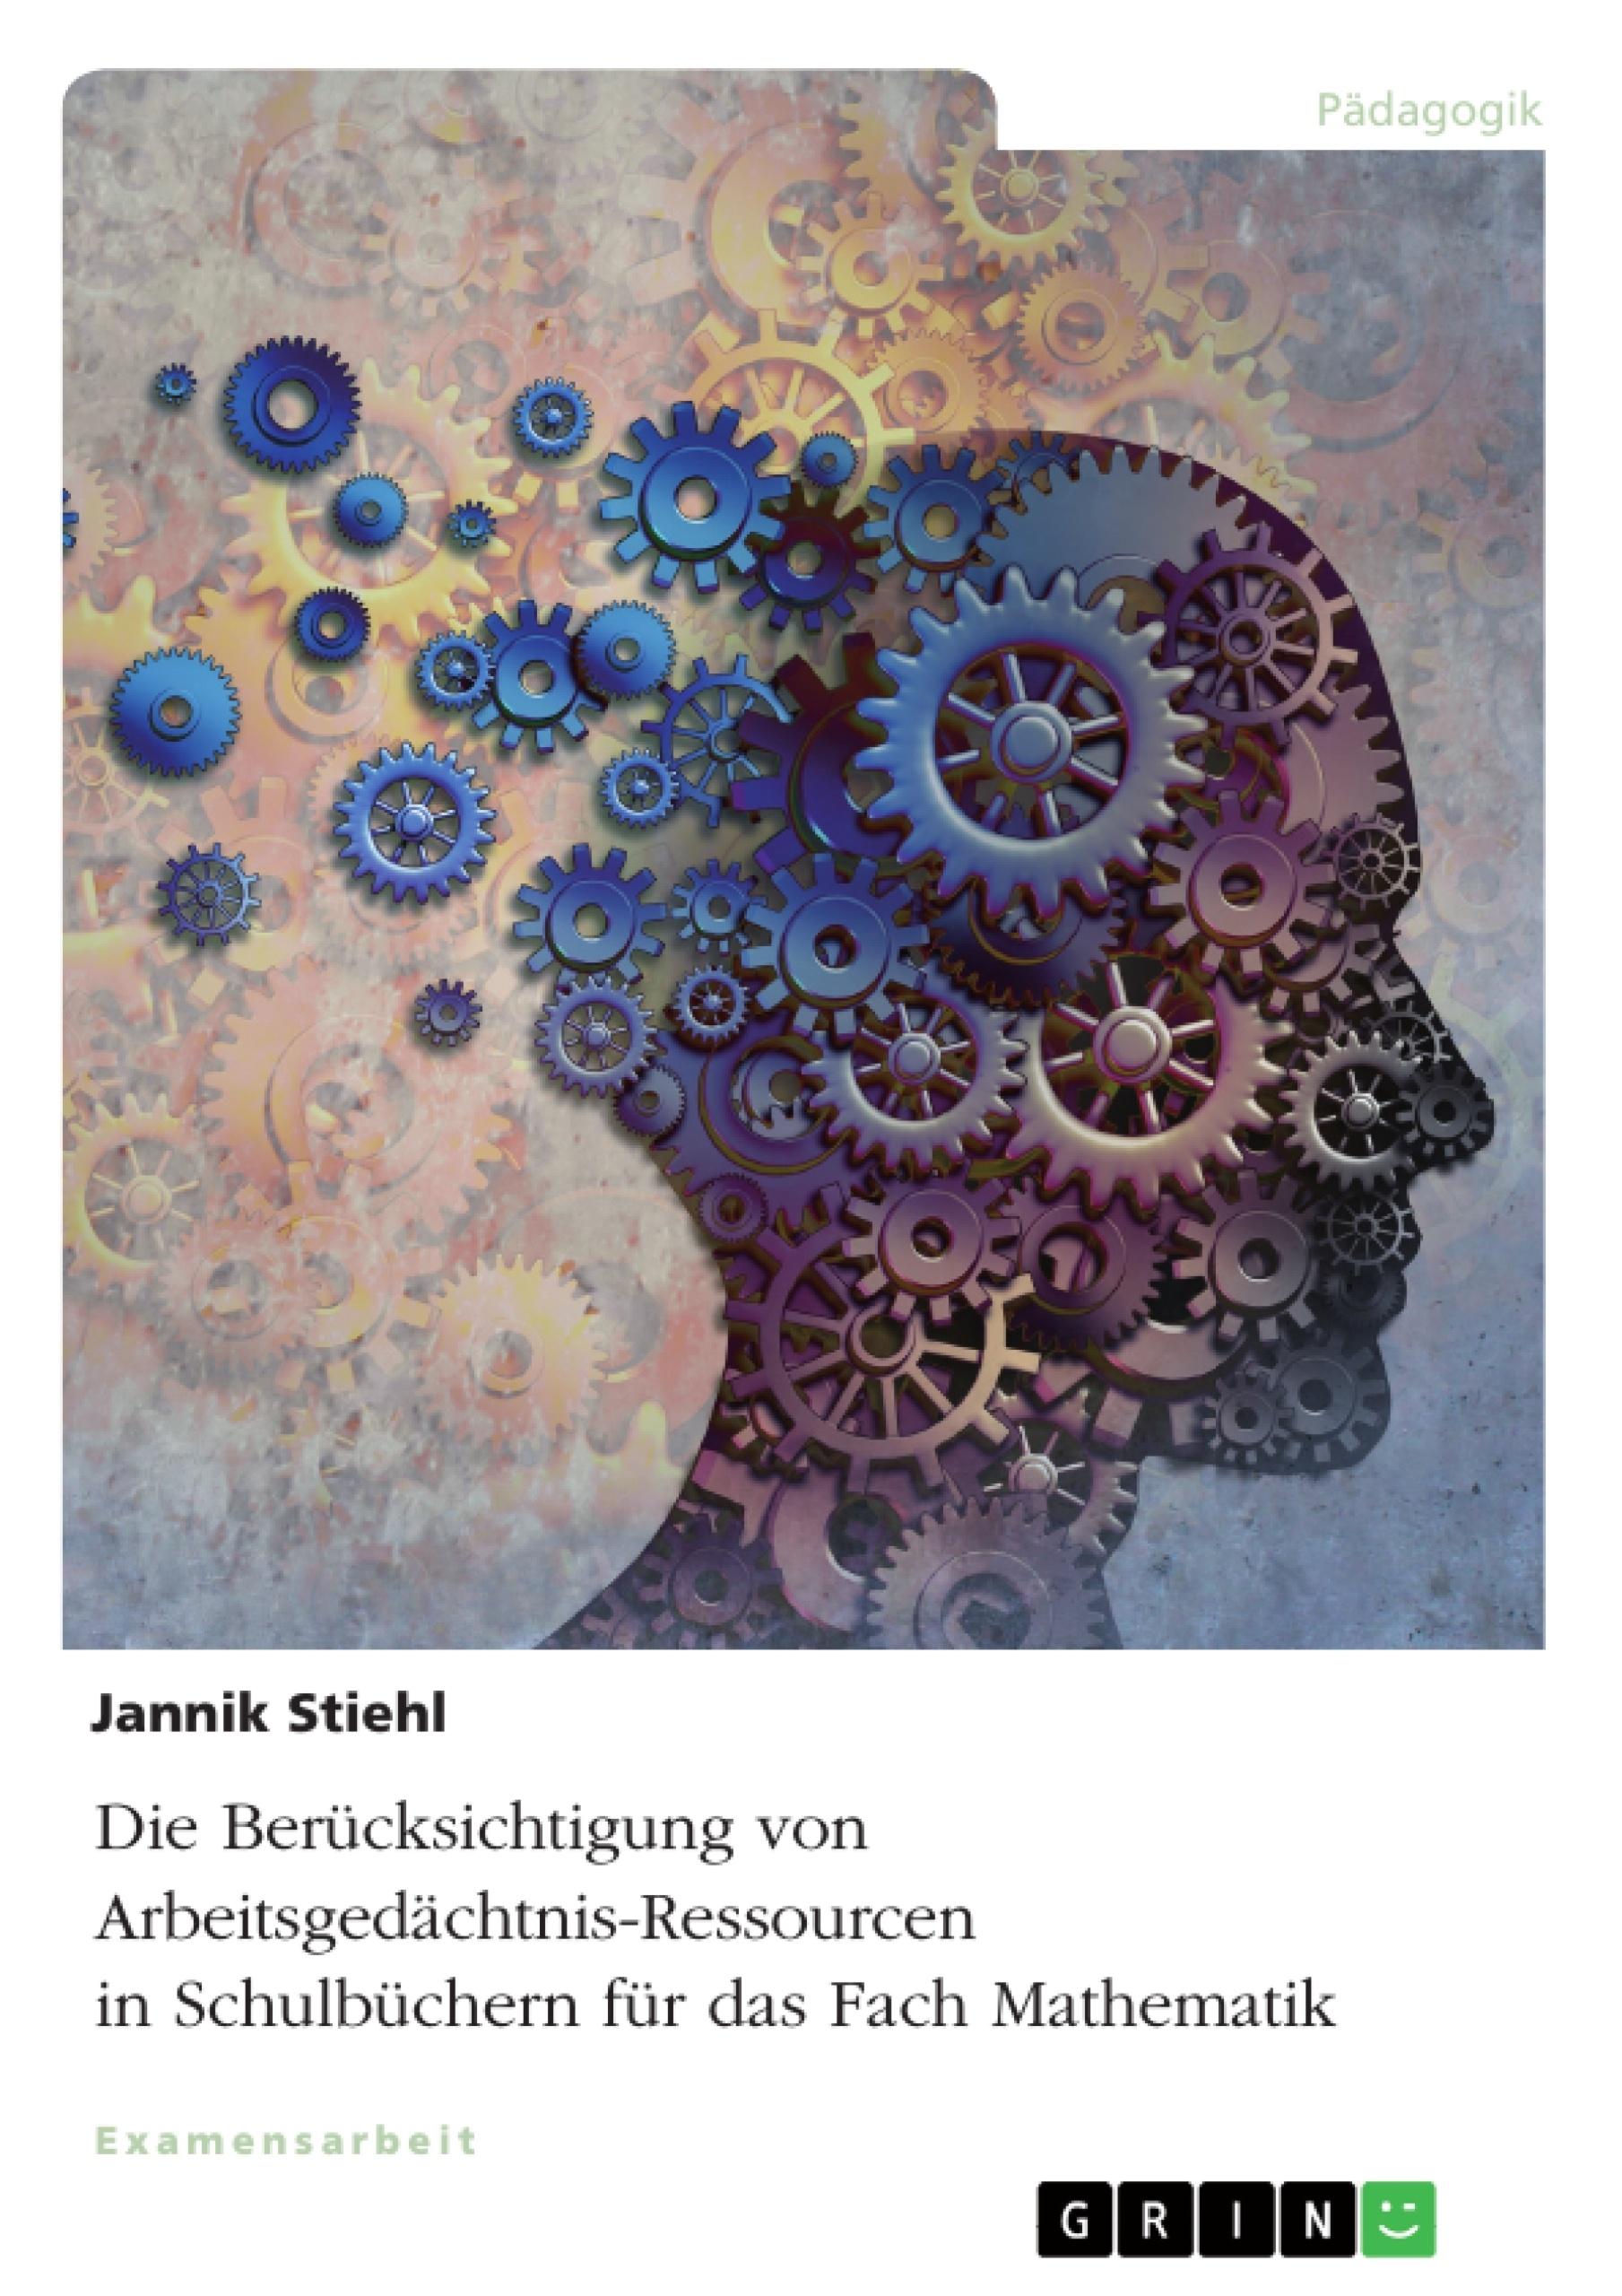 Titel: Die Berücksichtigung von Arbeitsgedächtnis-Ressourcen in Schulbüchern für das Fach Mathematik